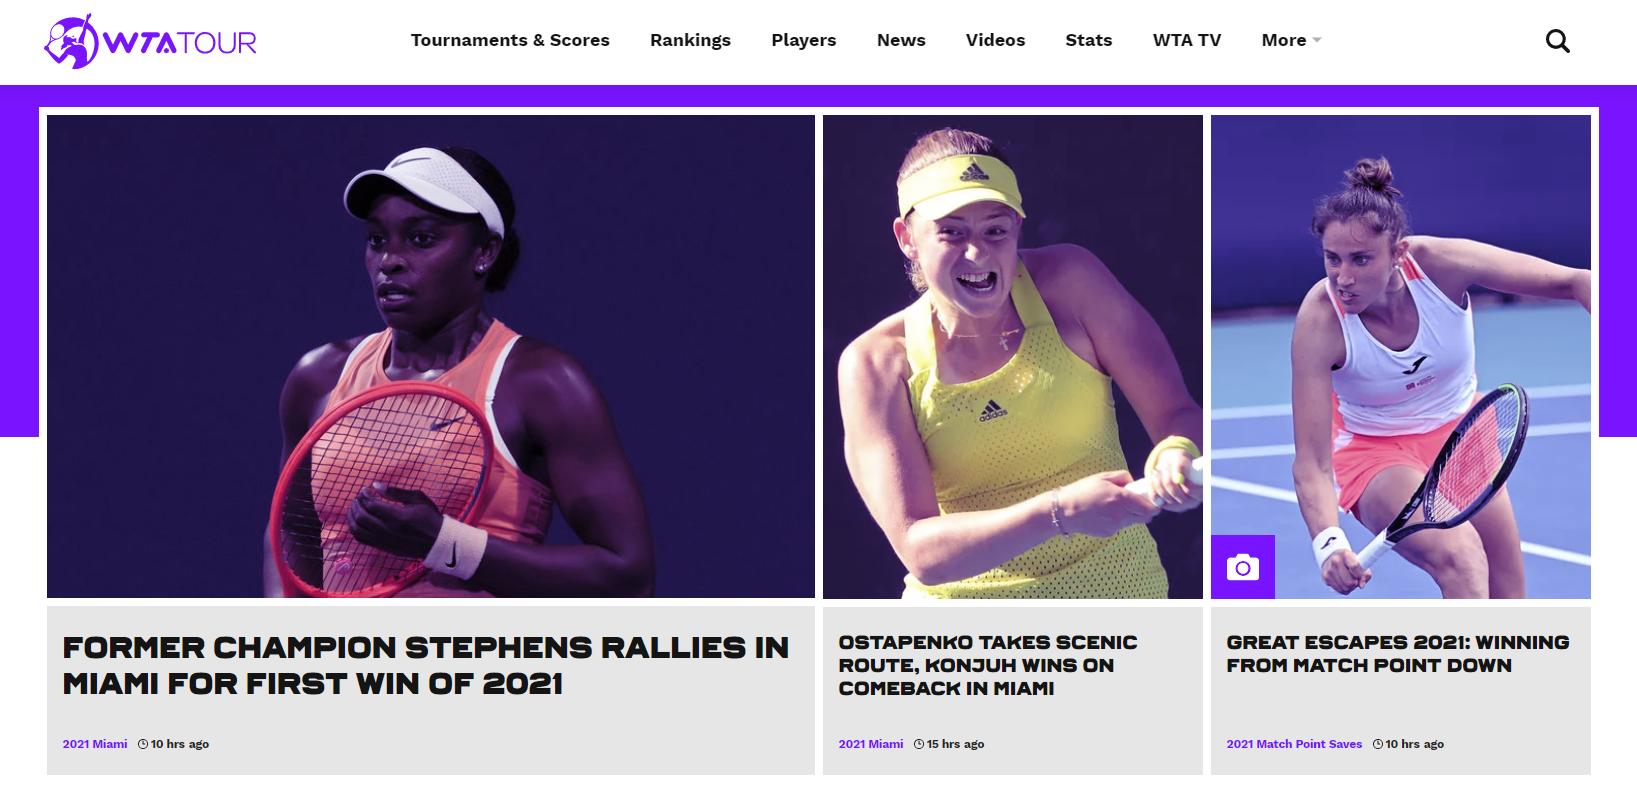 Где найти статистику для ставок на теннис?